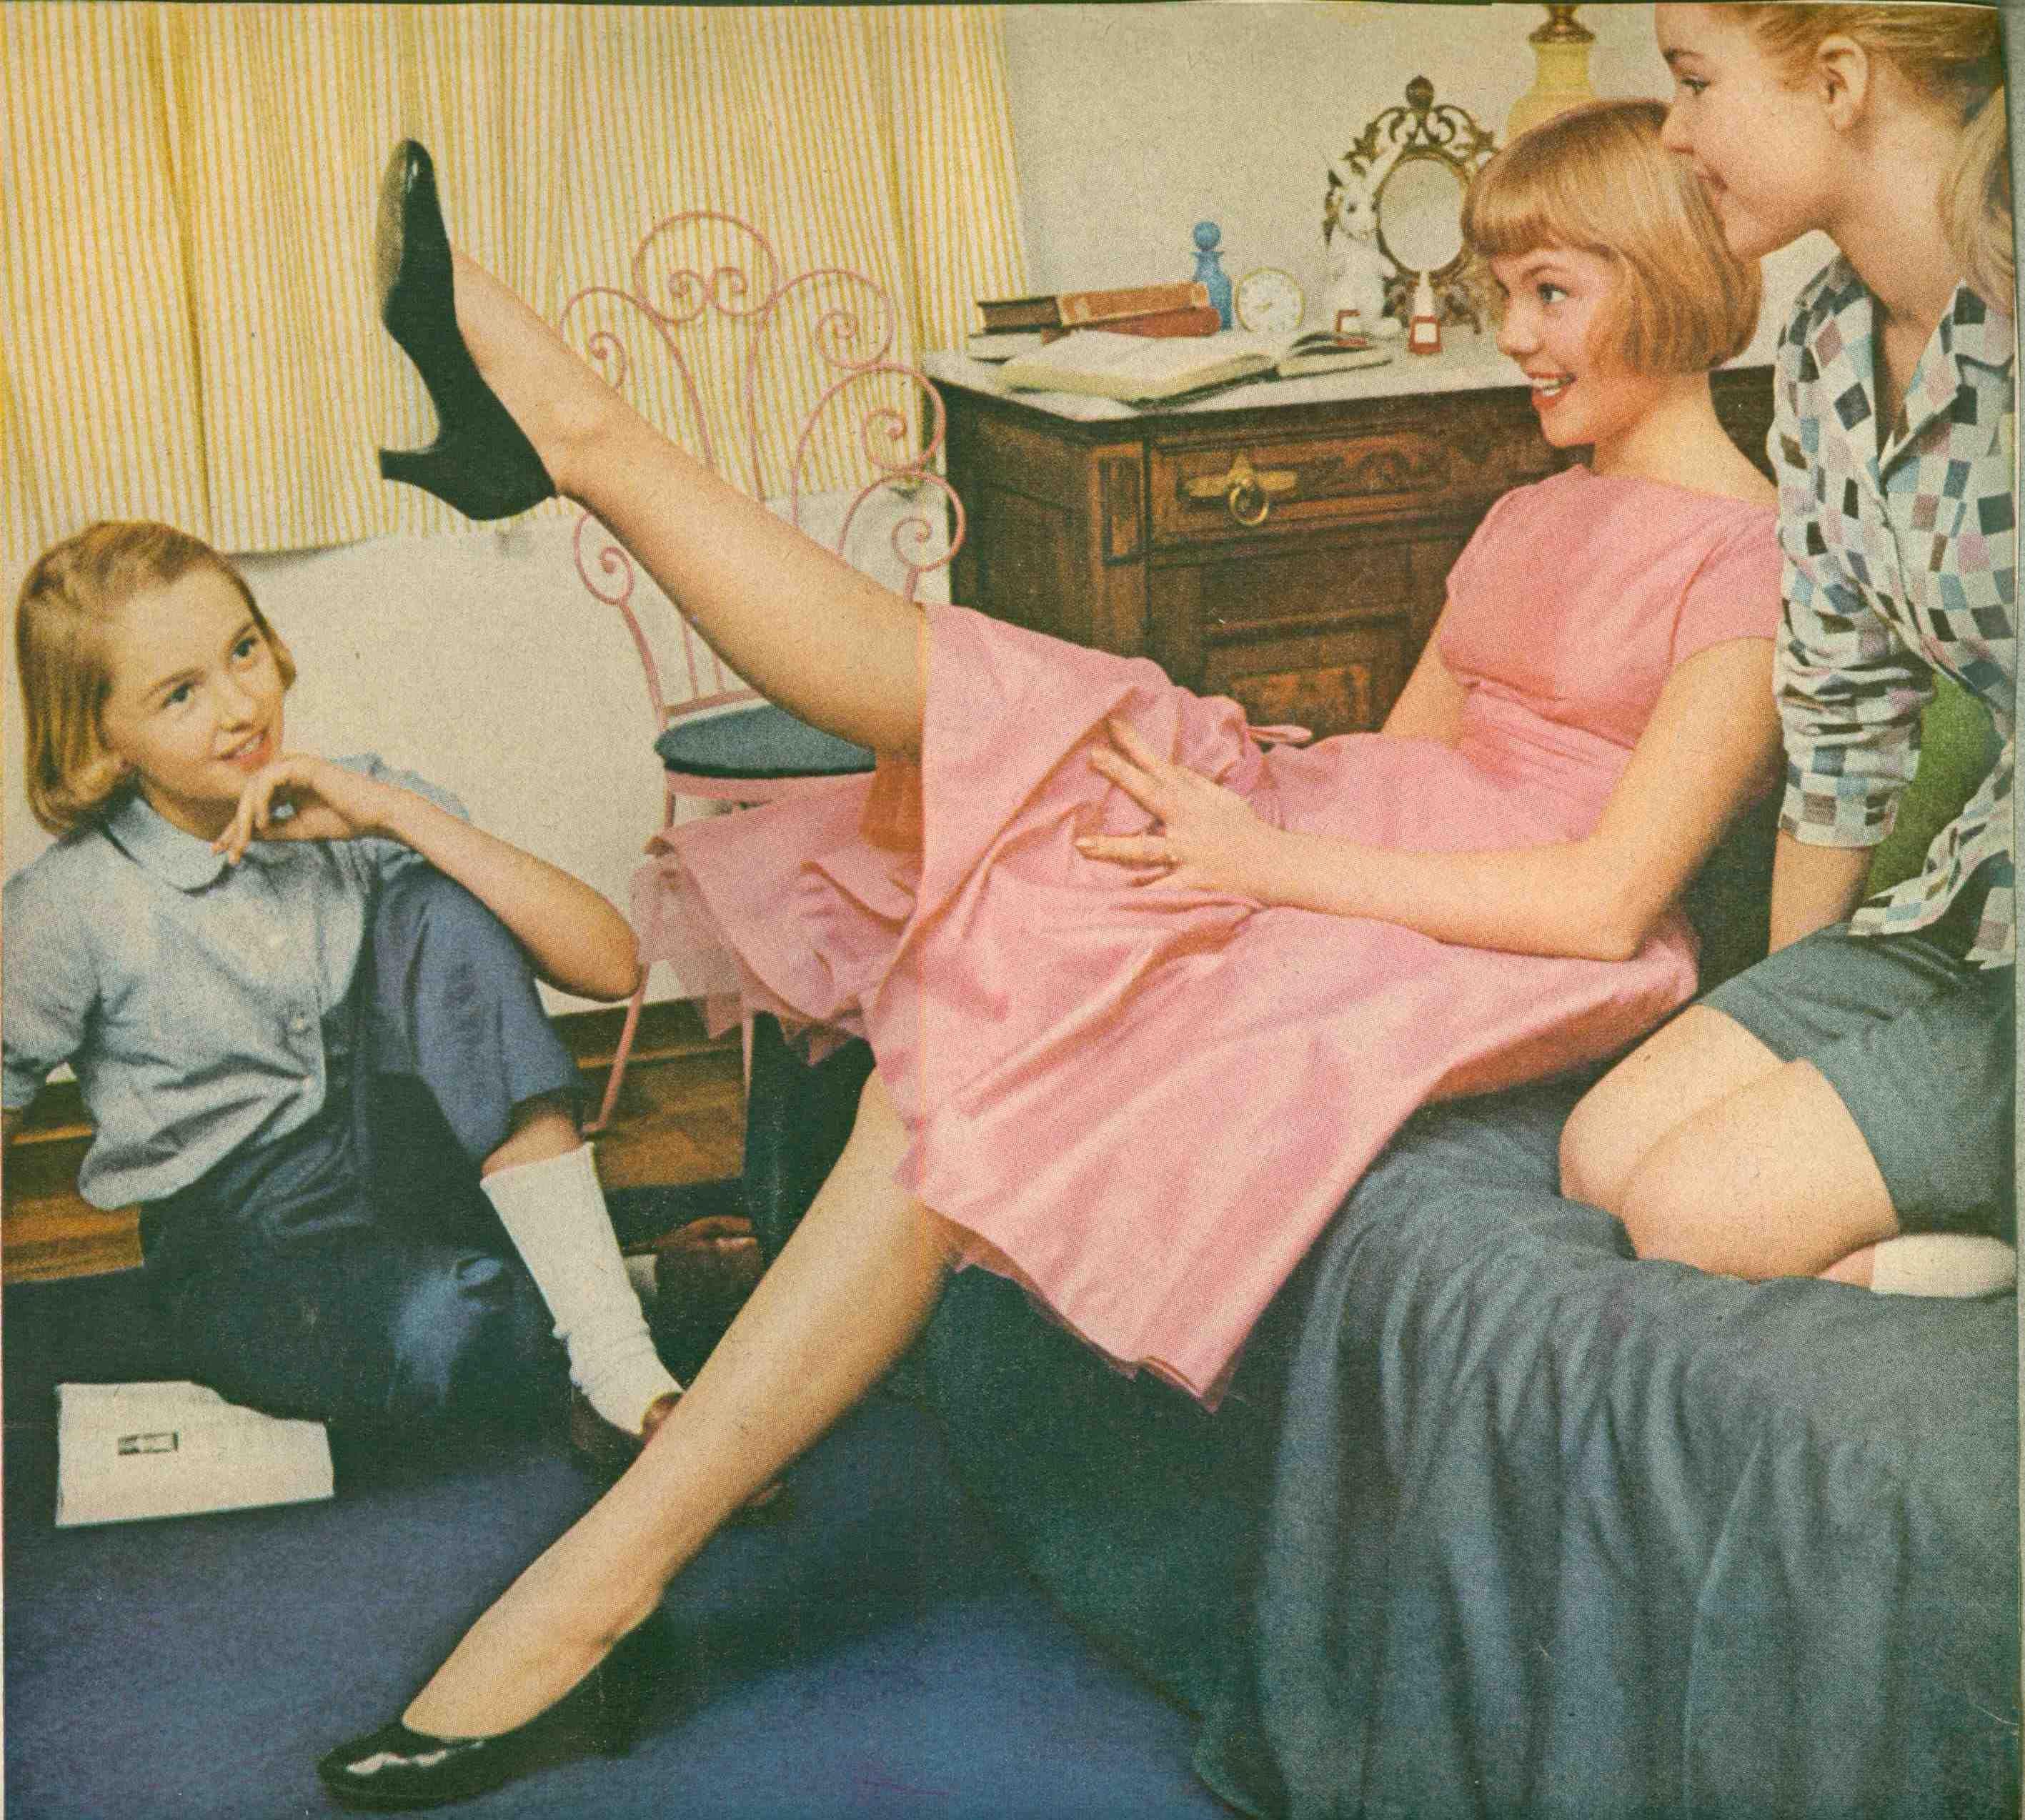 Vintage Family Nudist